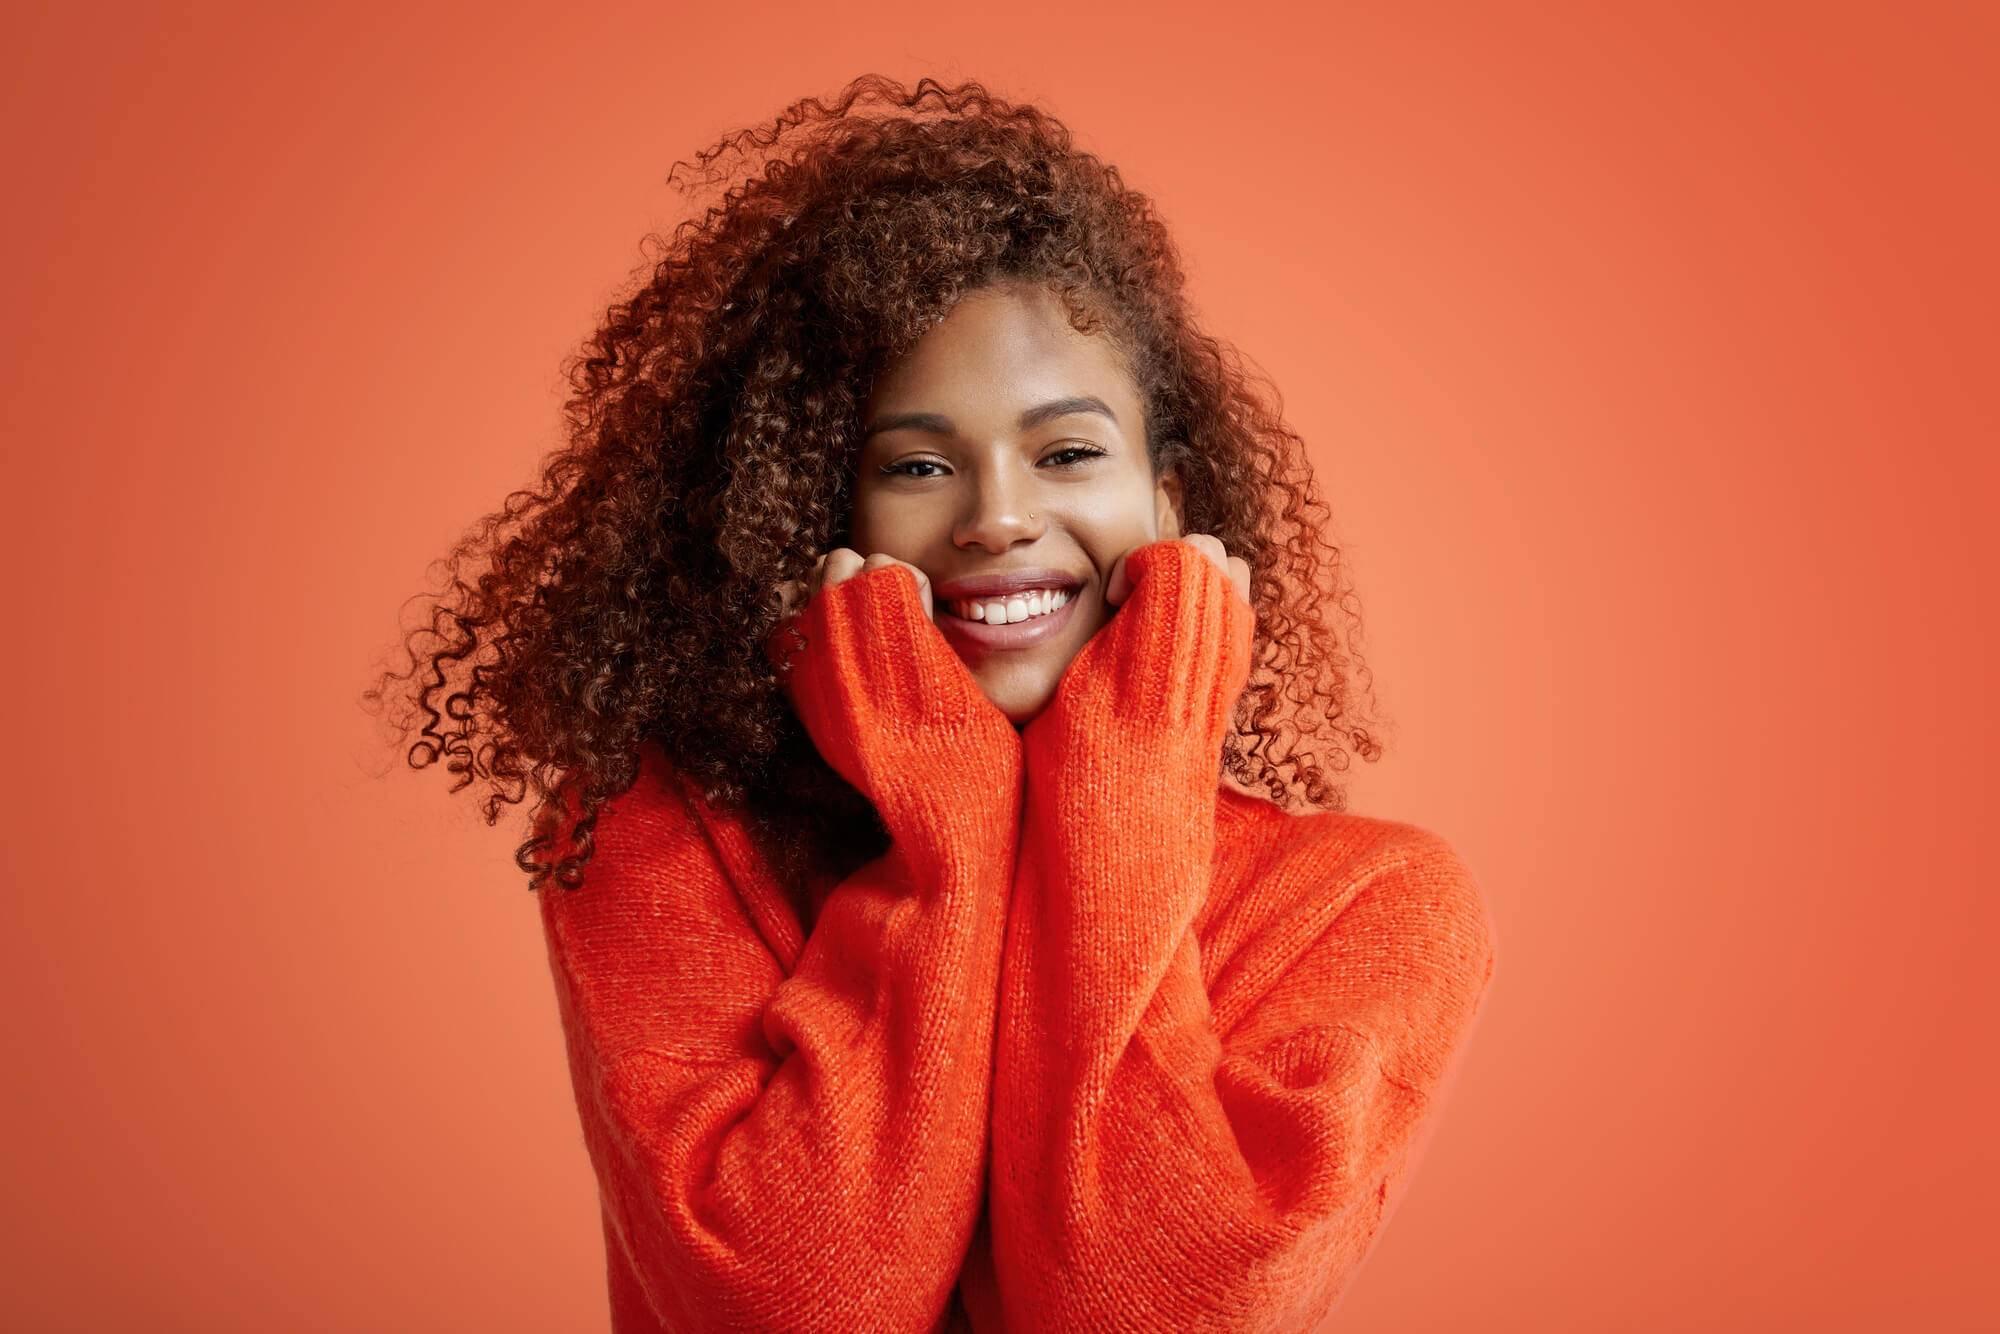 Dismorfia dentária: entenda a obsessão pelo sorriso perfeito